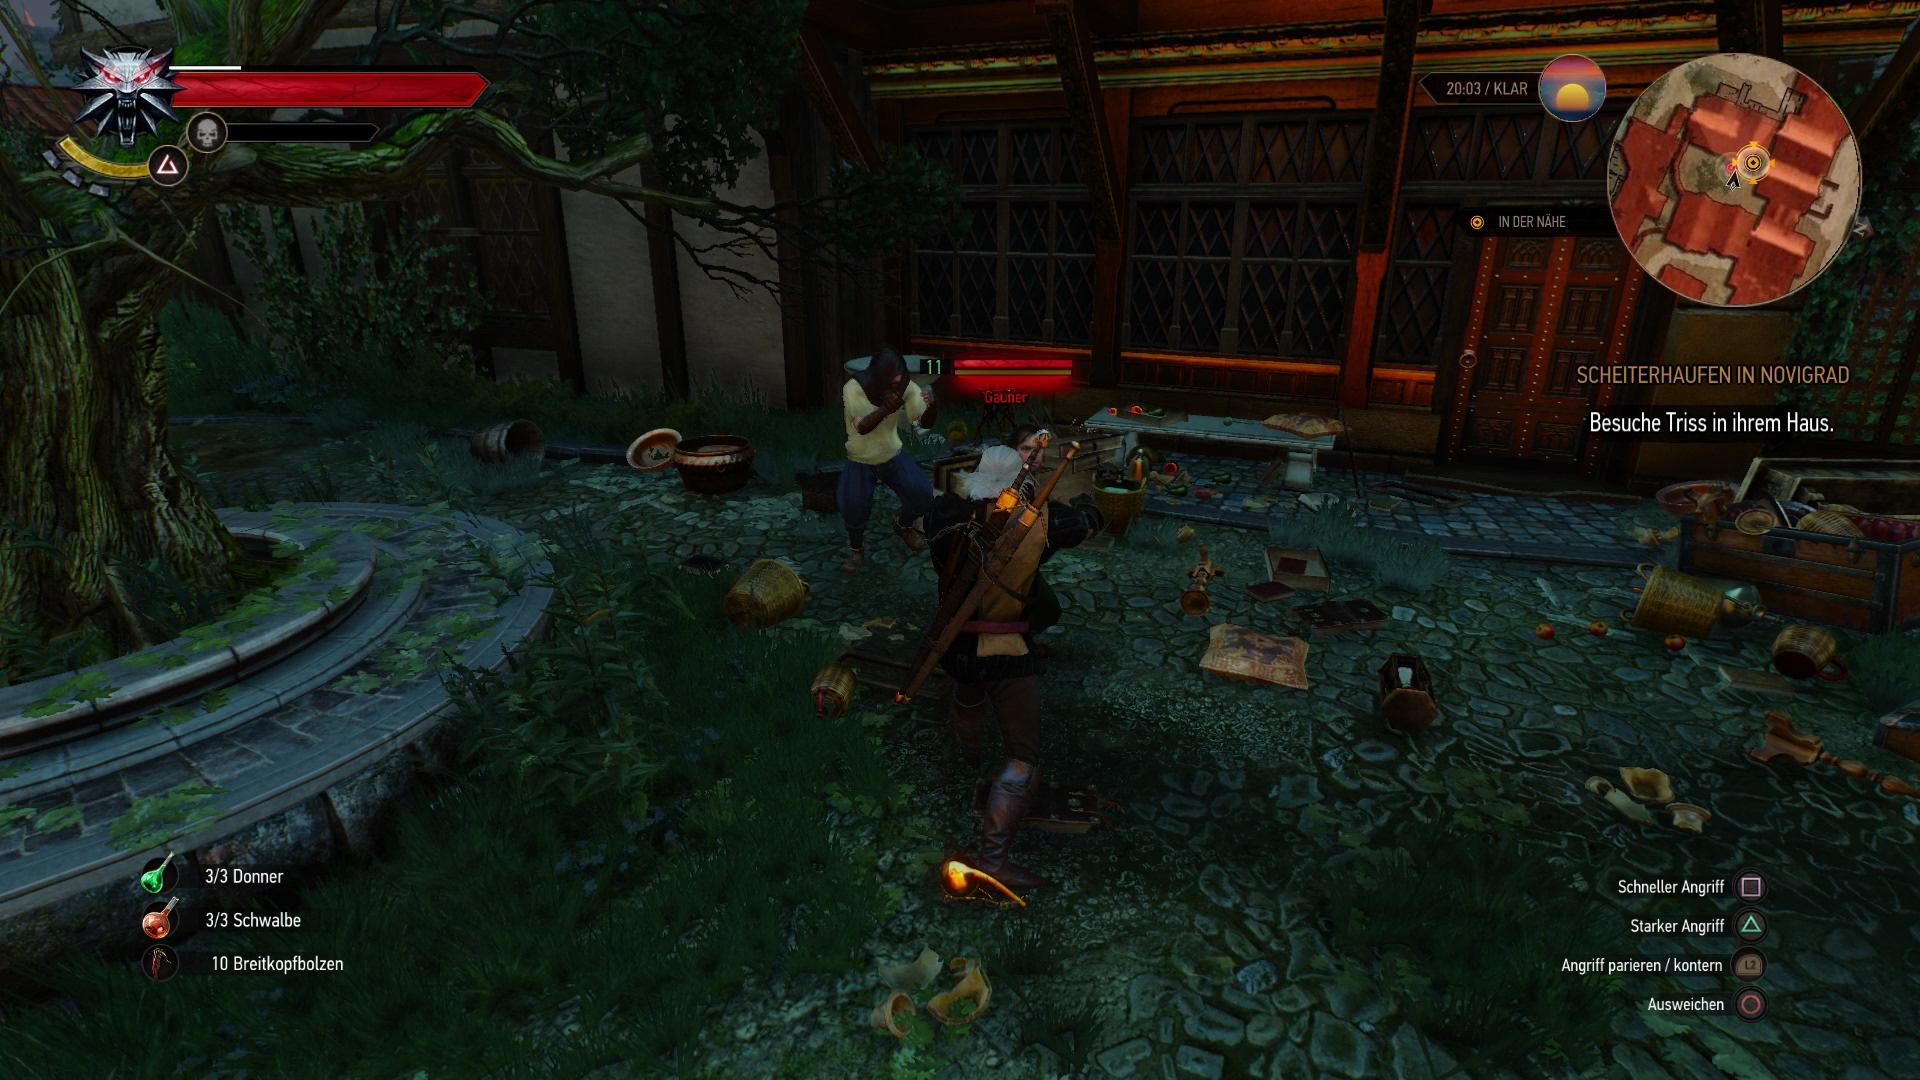 3 finde frau des the velen die barons witcher Witcher 3